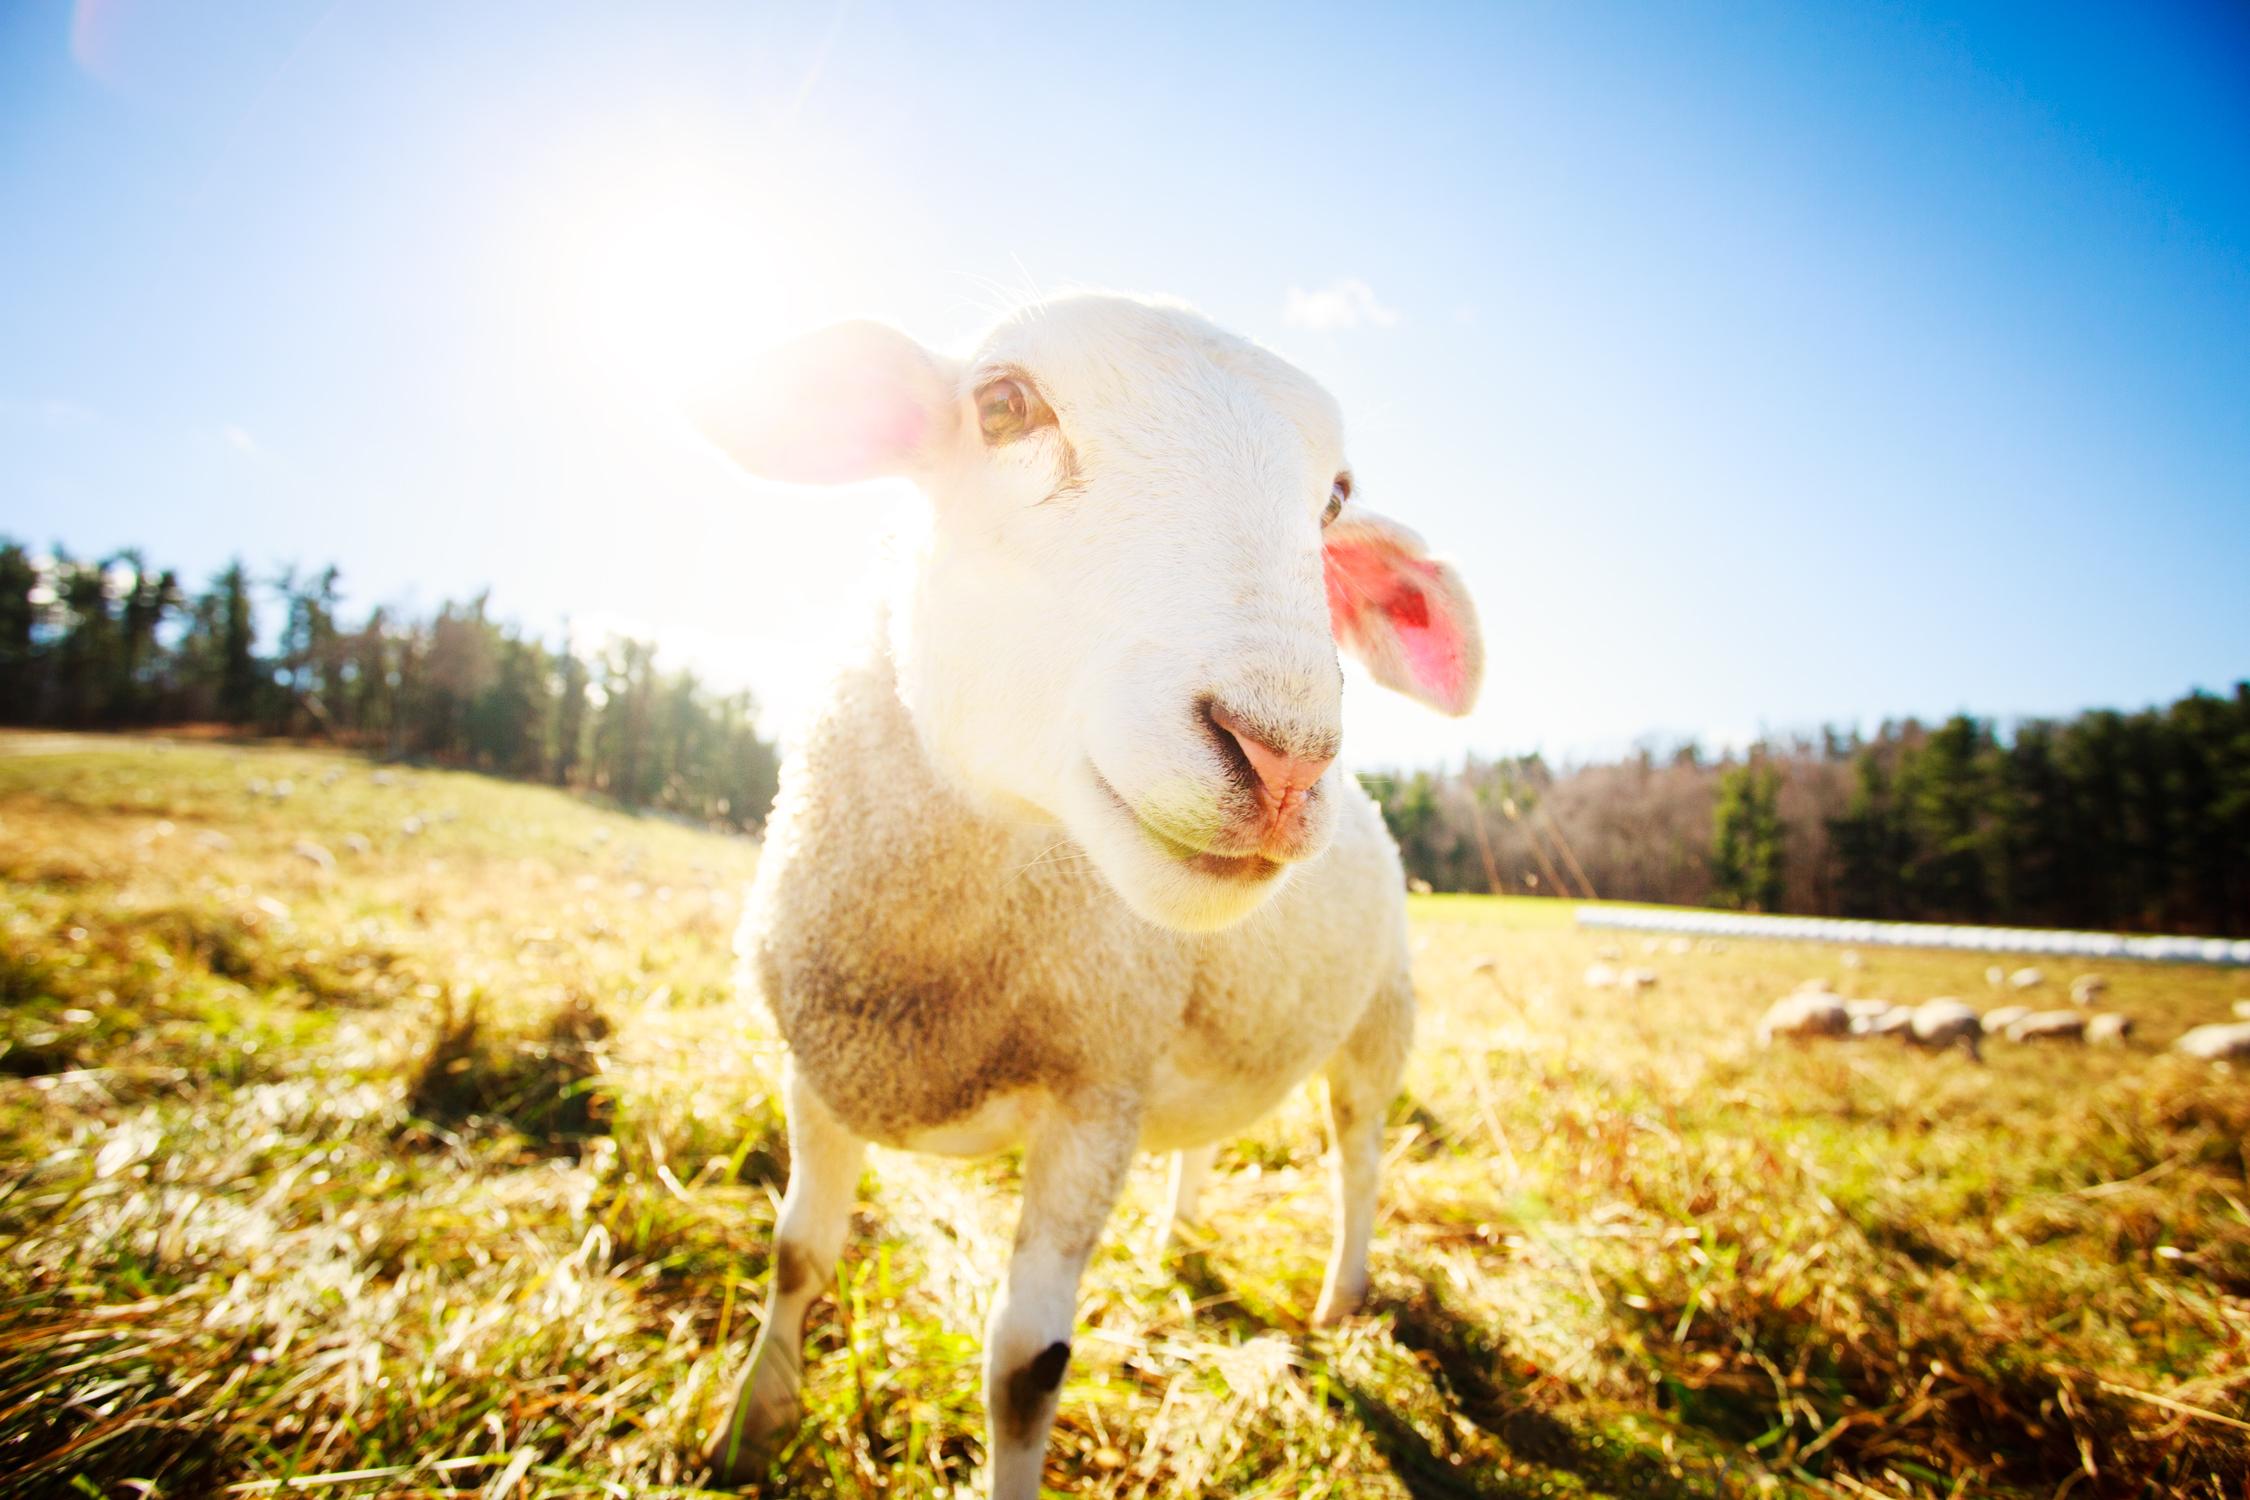 131118_Farm_Animals_0011_edit-copy.jpg